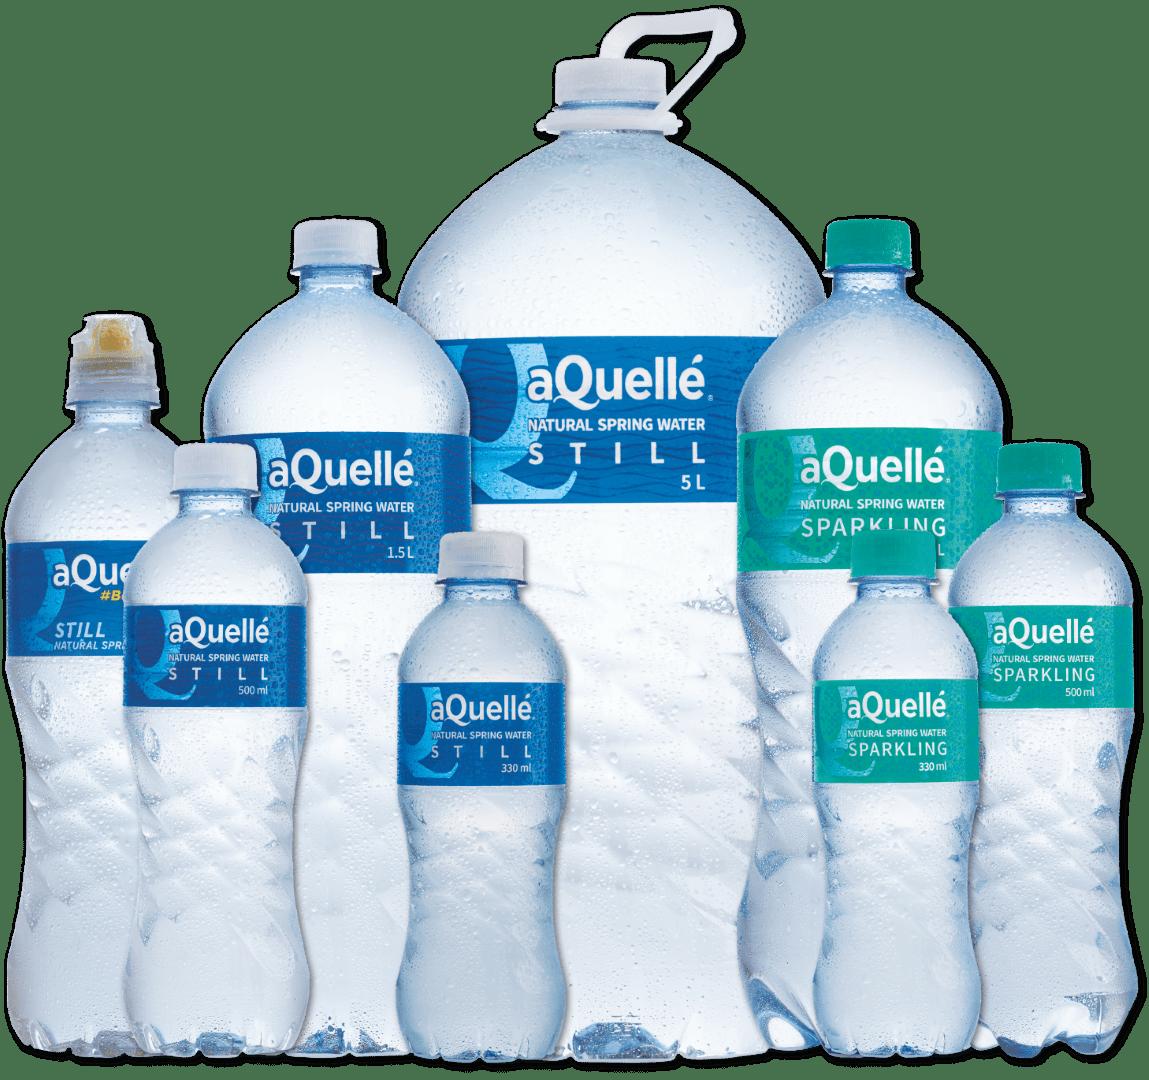 Natural Spring Water Range - sizes